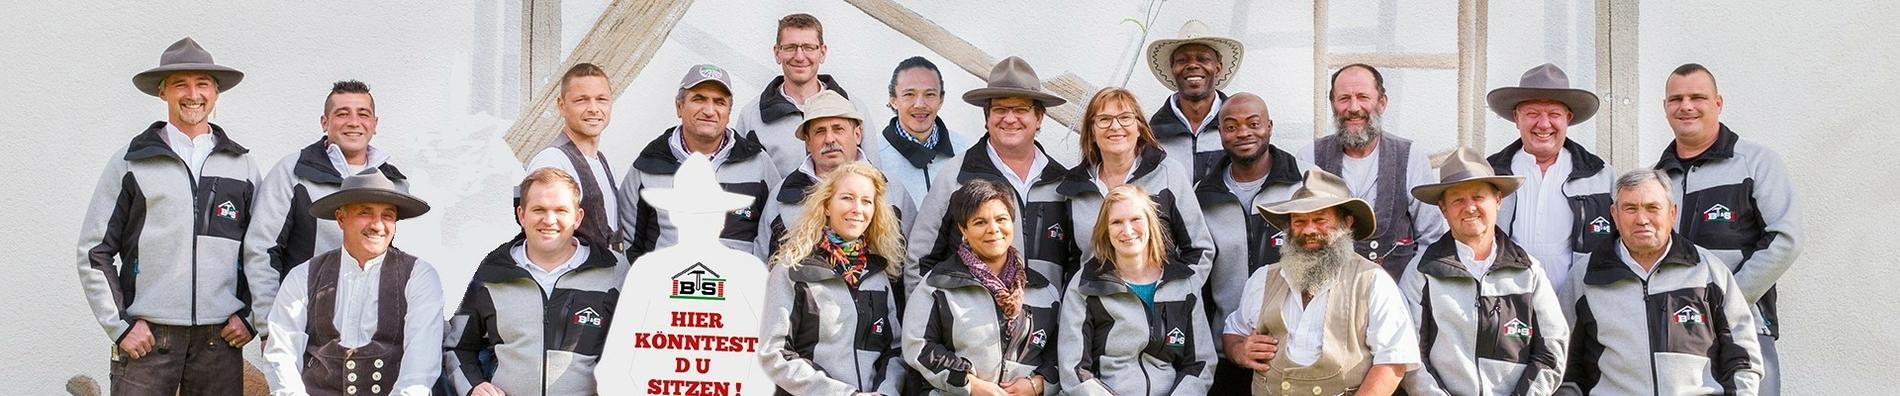 Team Brugger Schoen